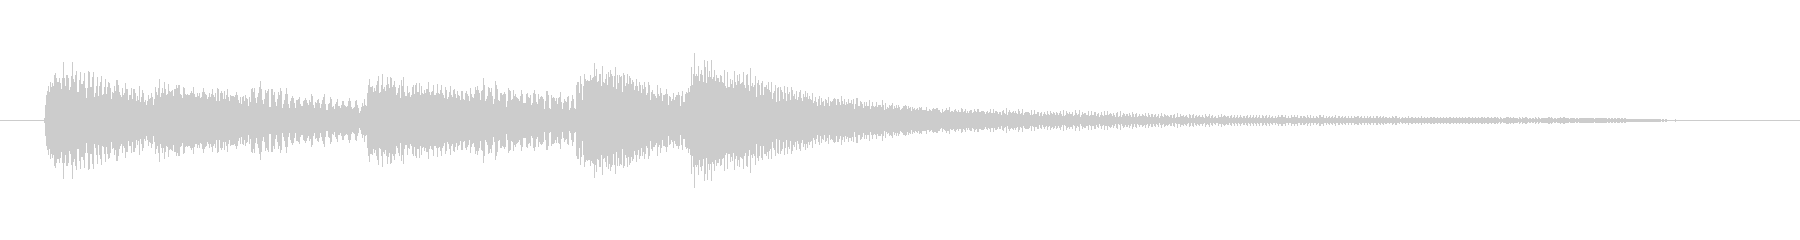 明るめのピアノのジングルの未再生の波形